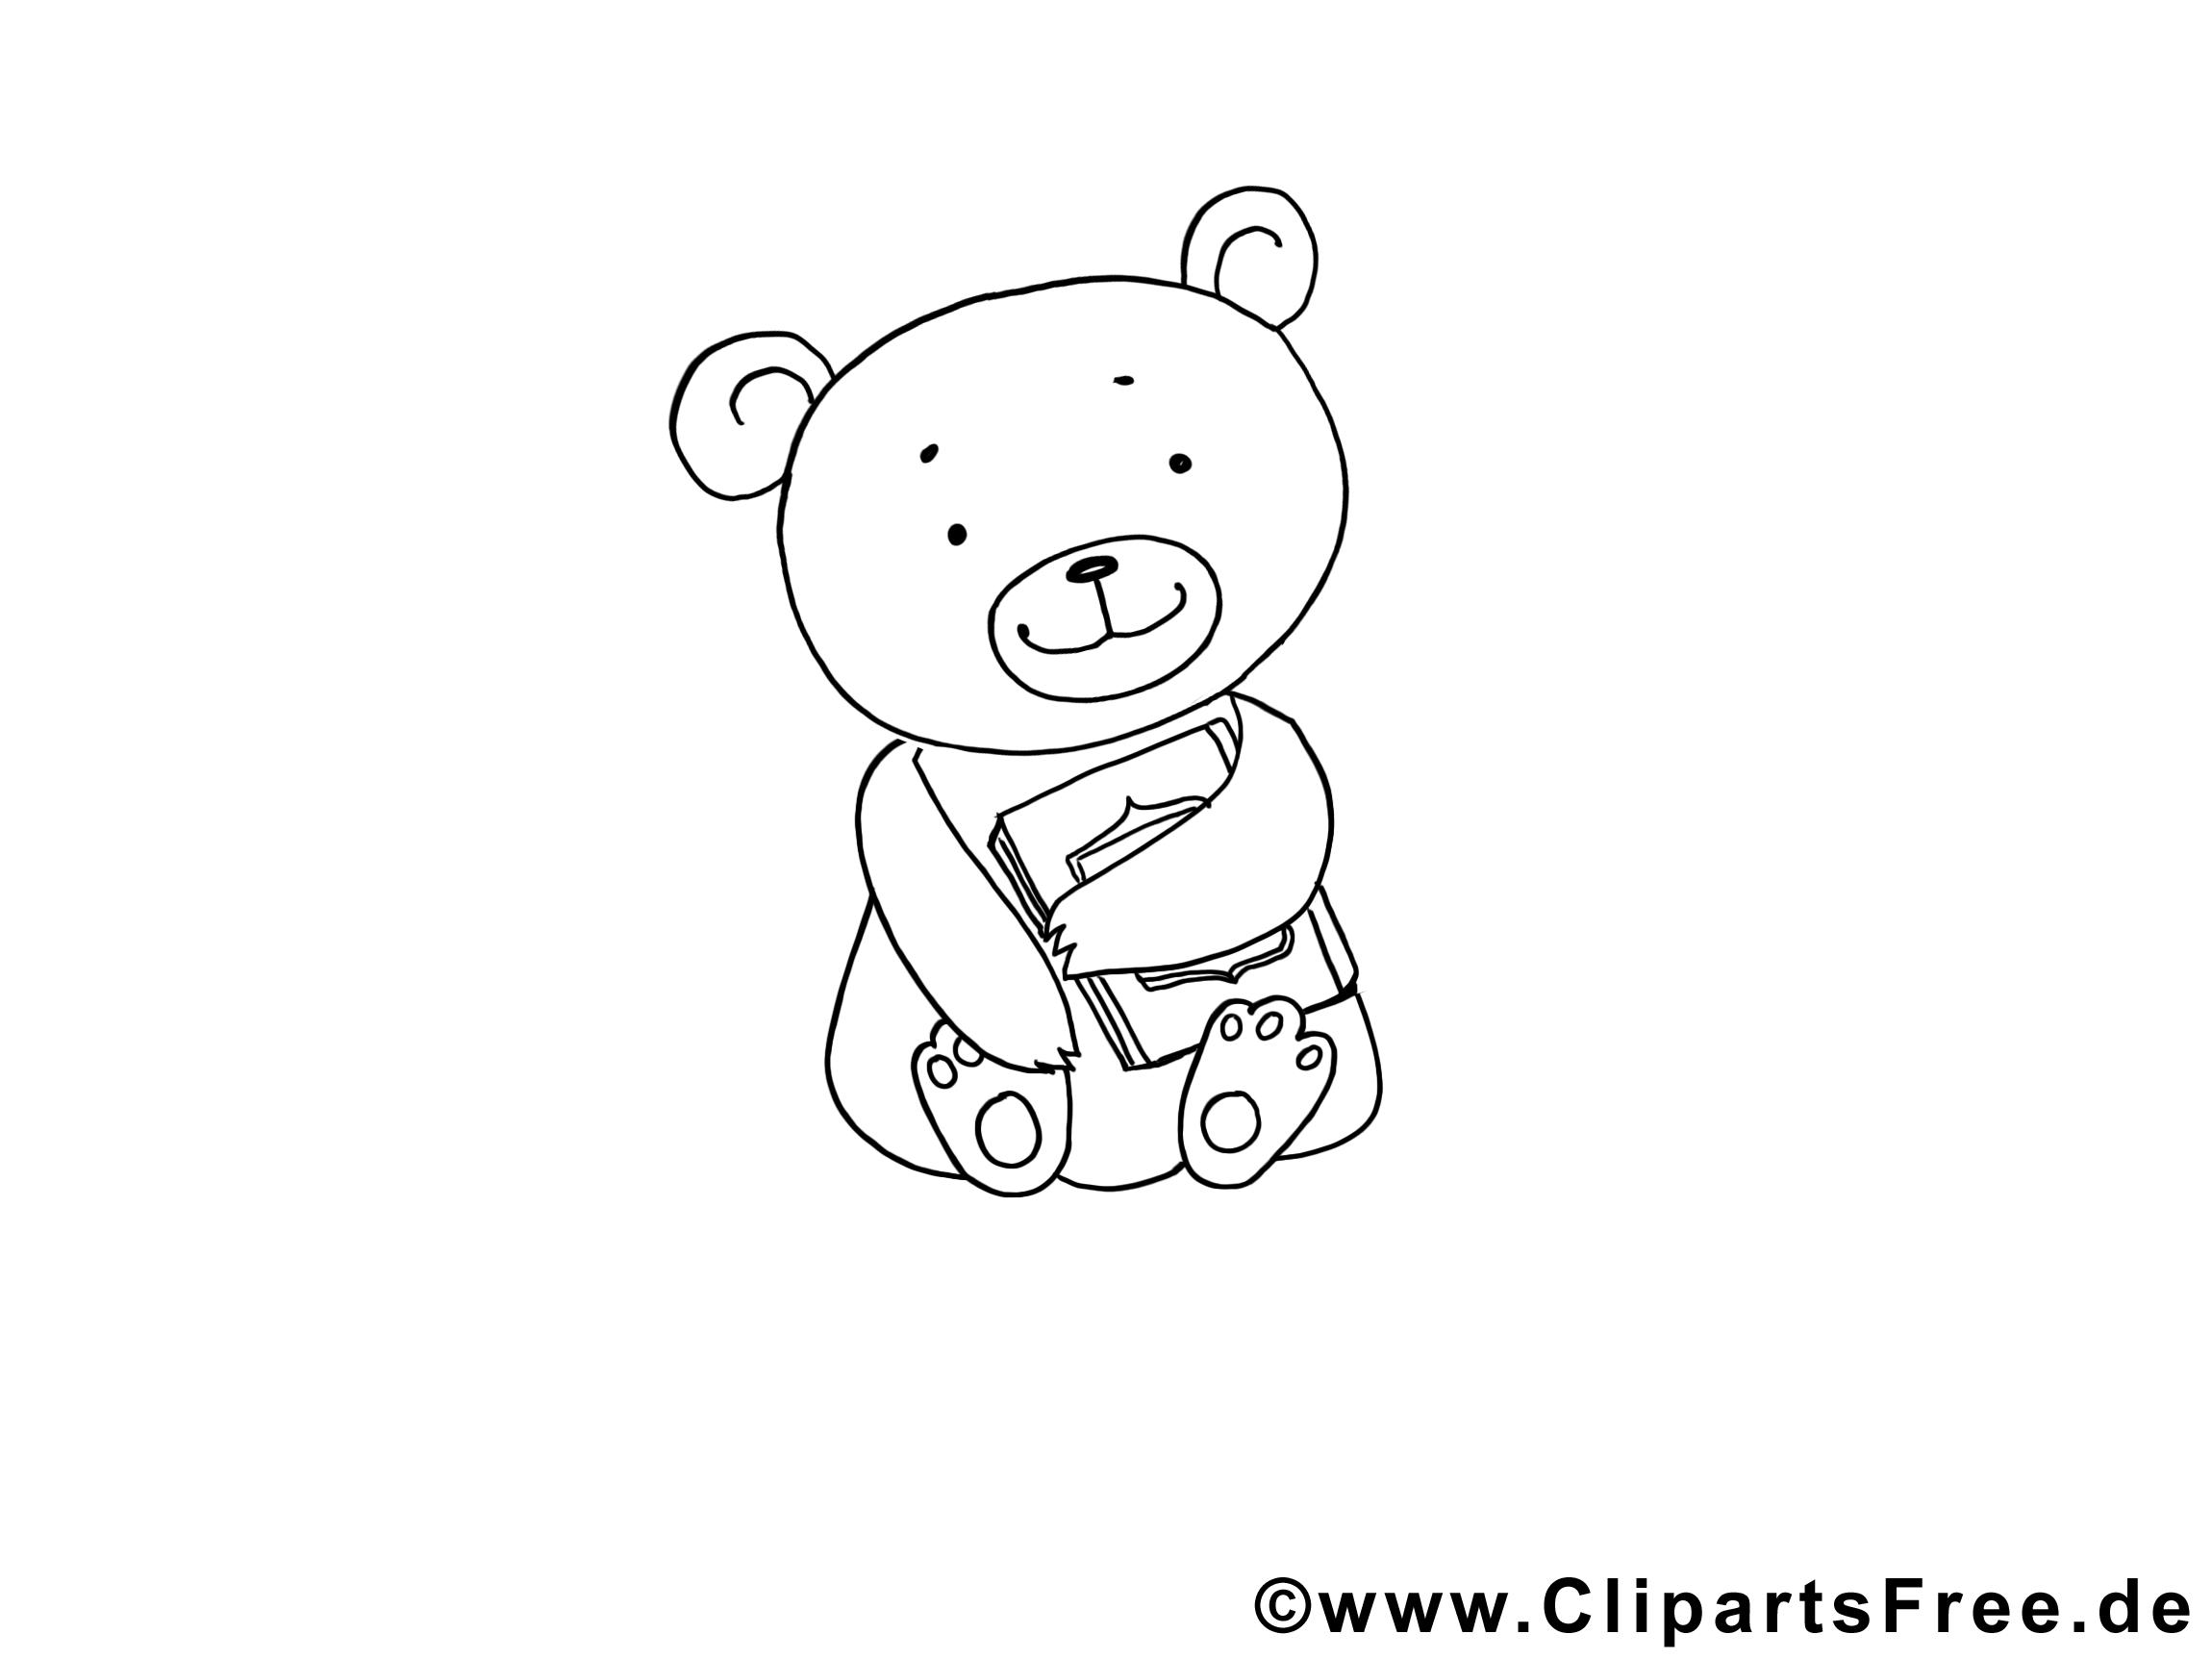 Ours clip art – Animal image à colorier